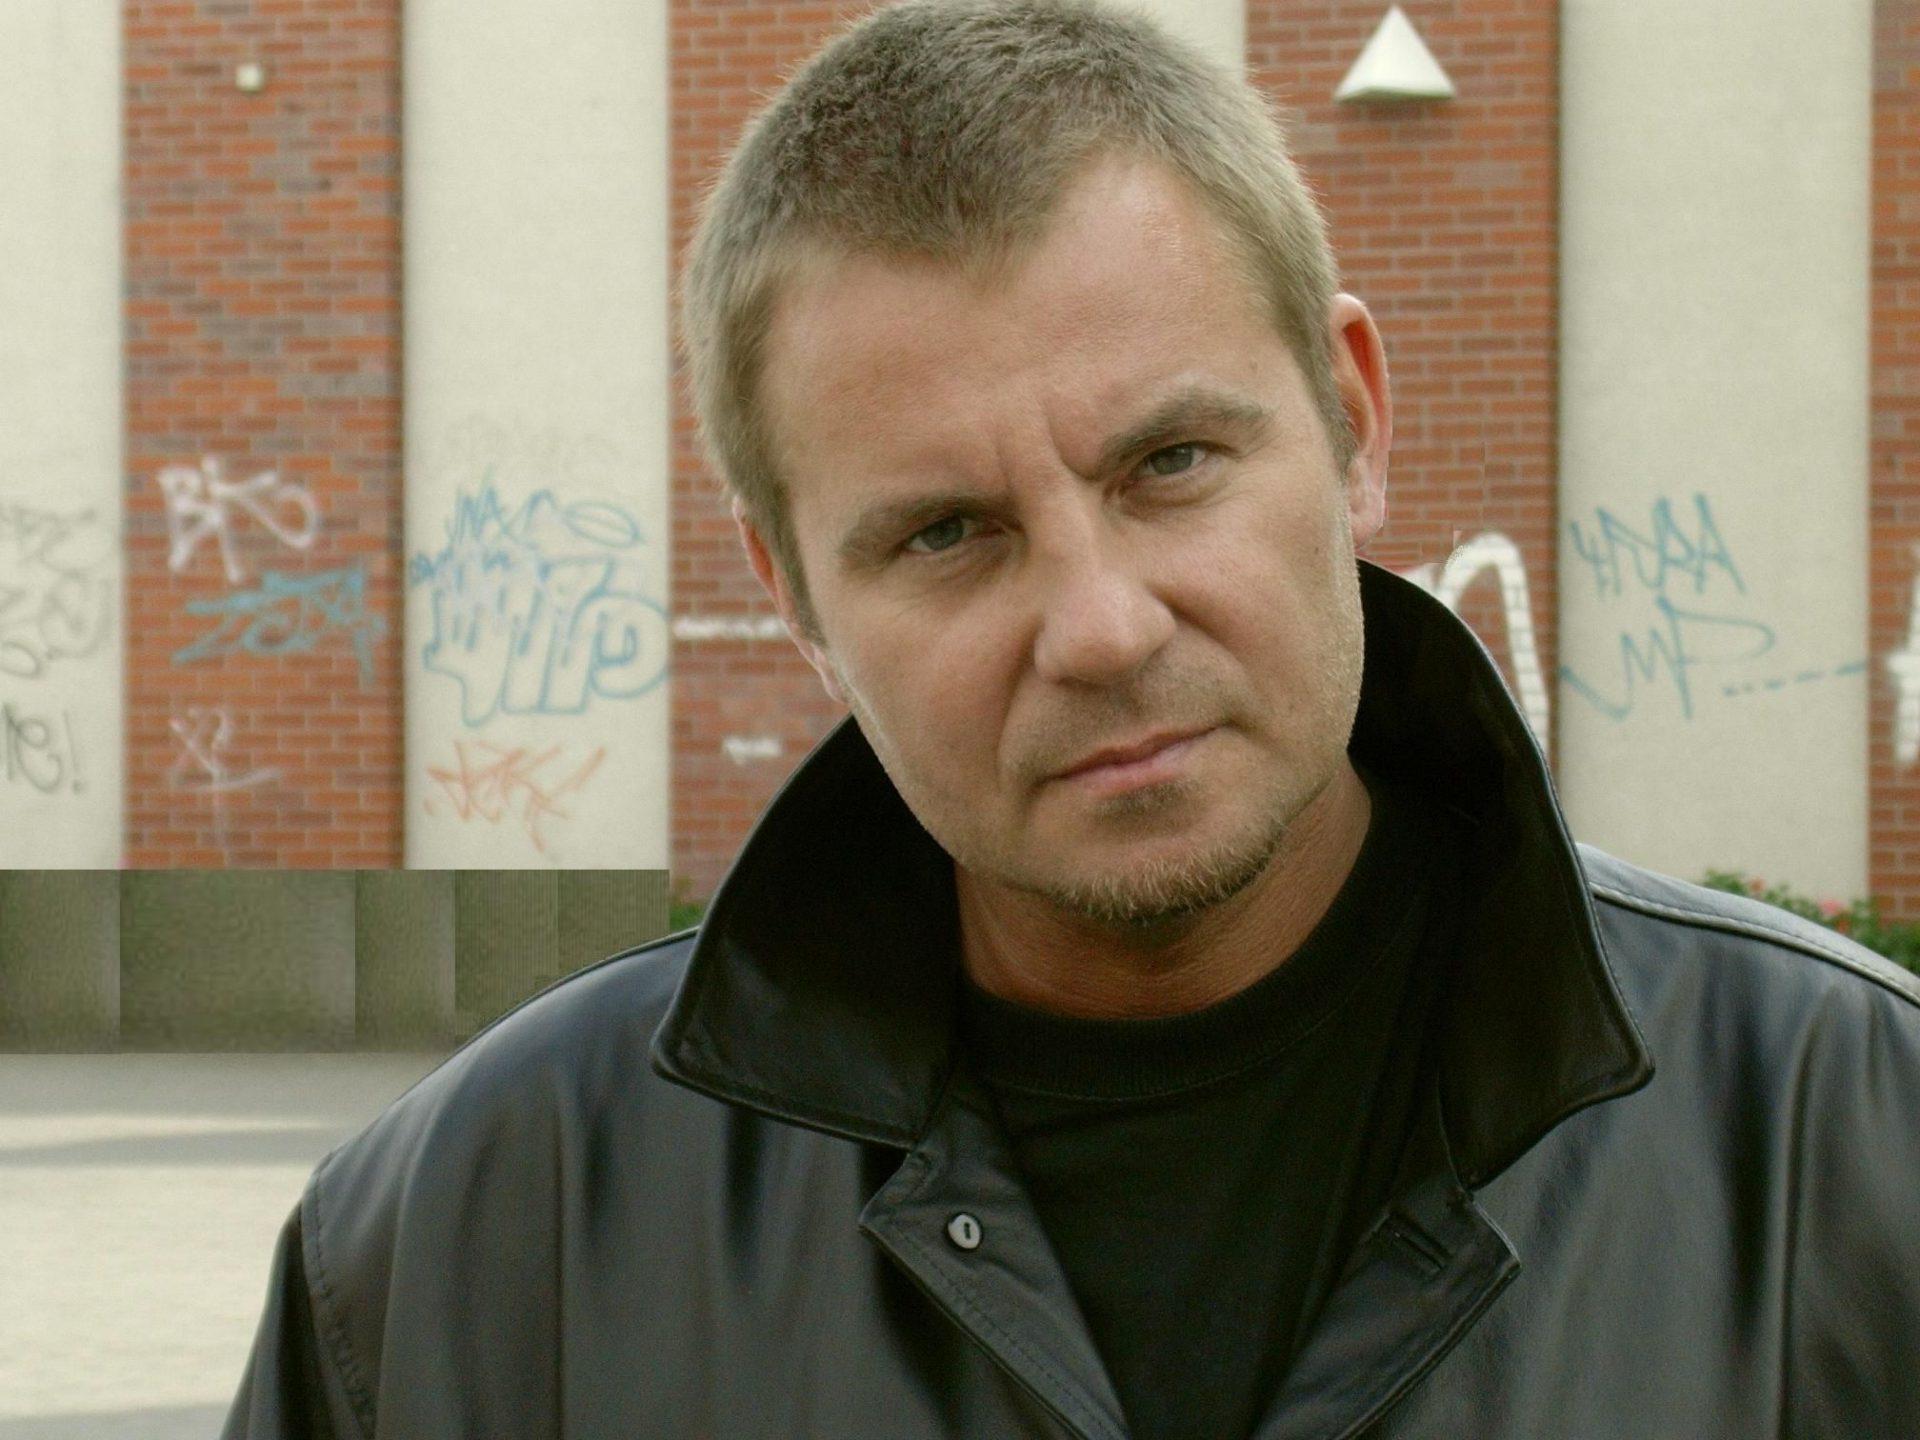 Krzysztof Niewrzęda